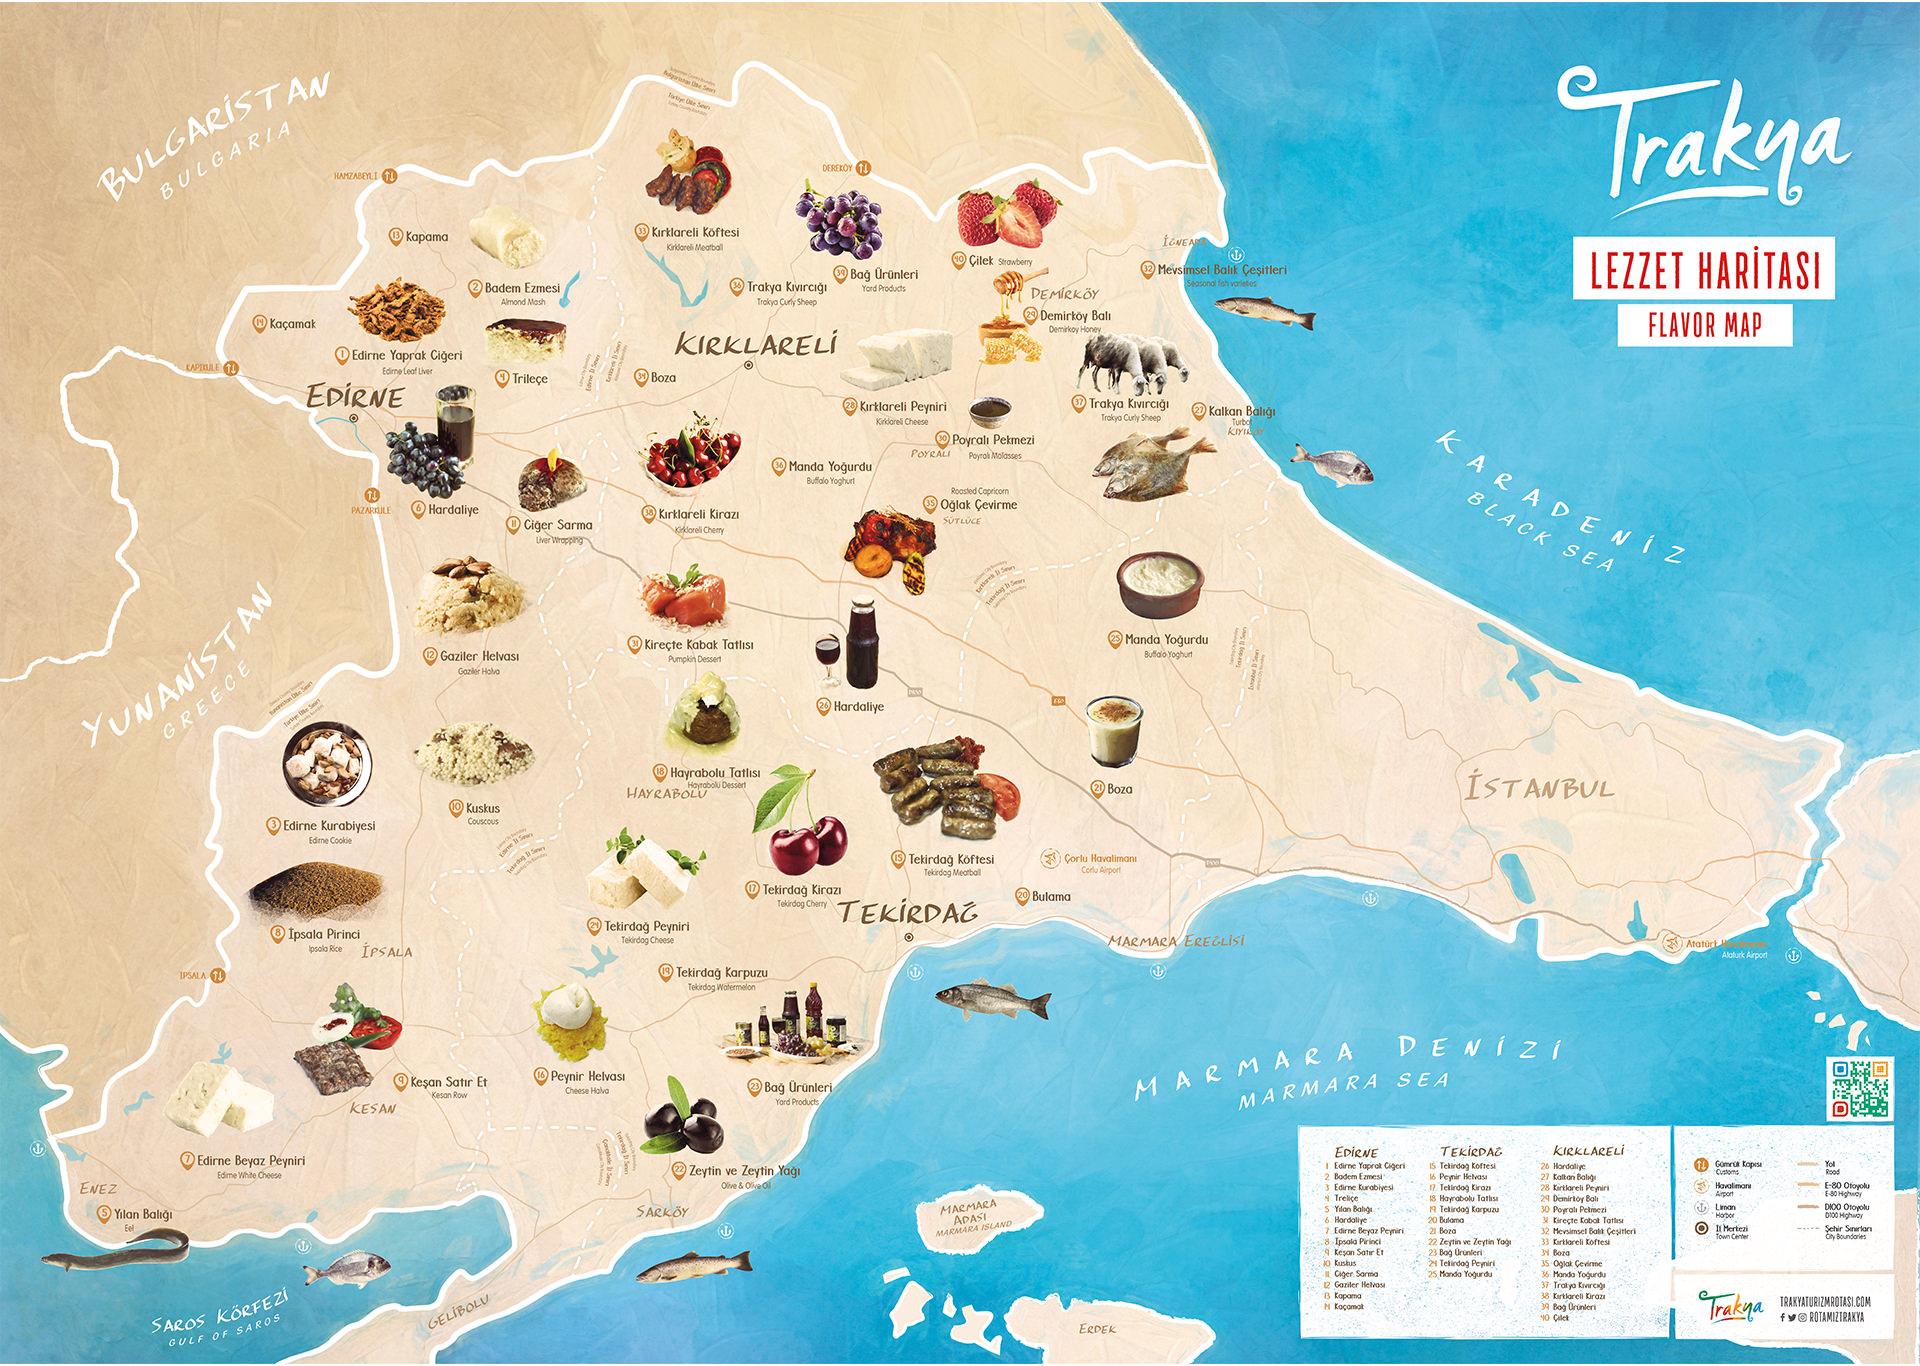 harita_lezzet